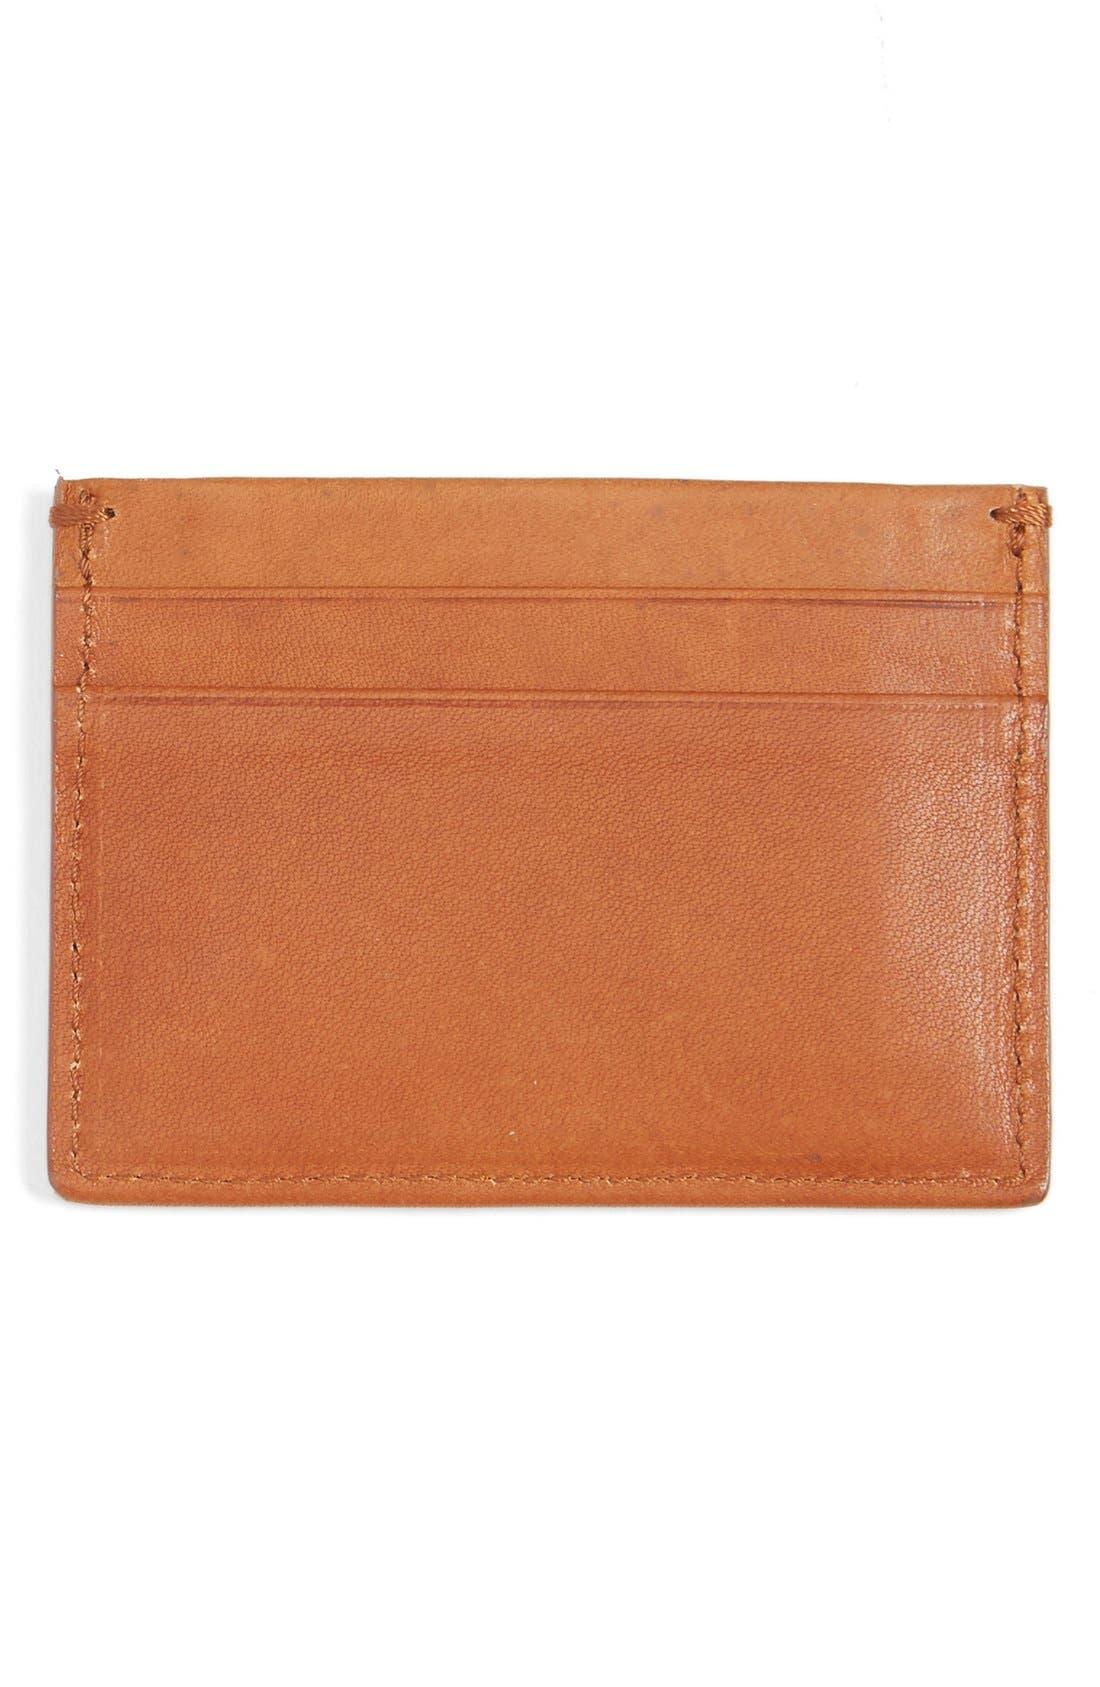 Leather Card Case,                             Alternate thumbnail 2, color,                             Bourbon